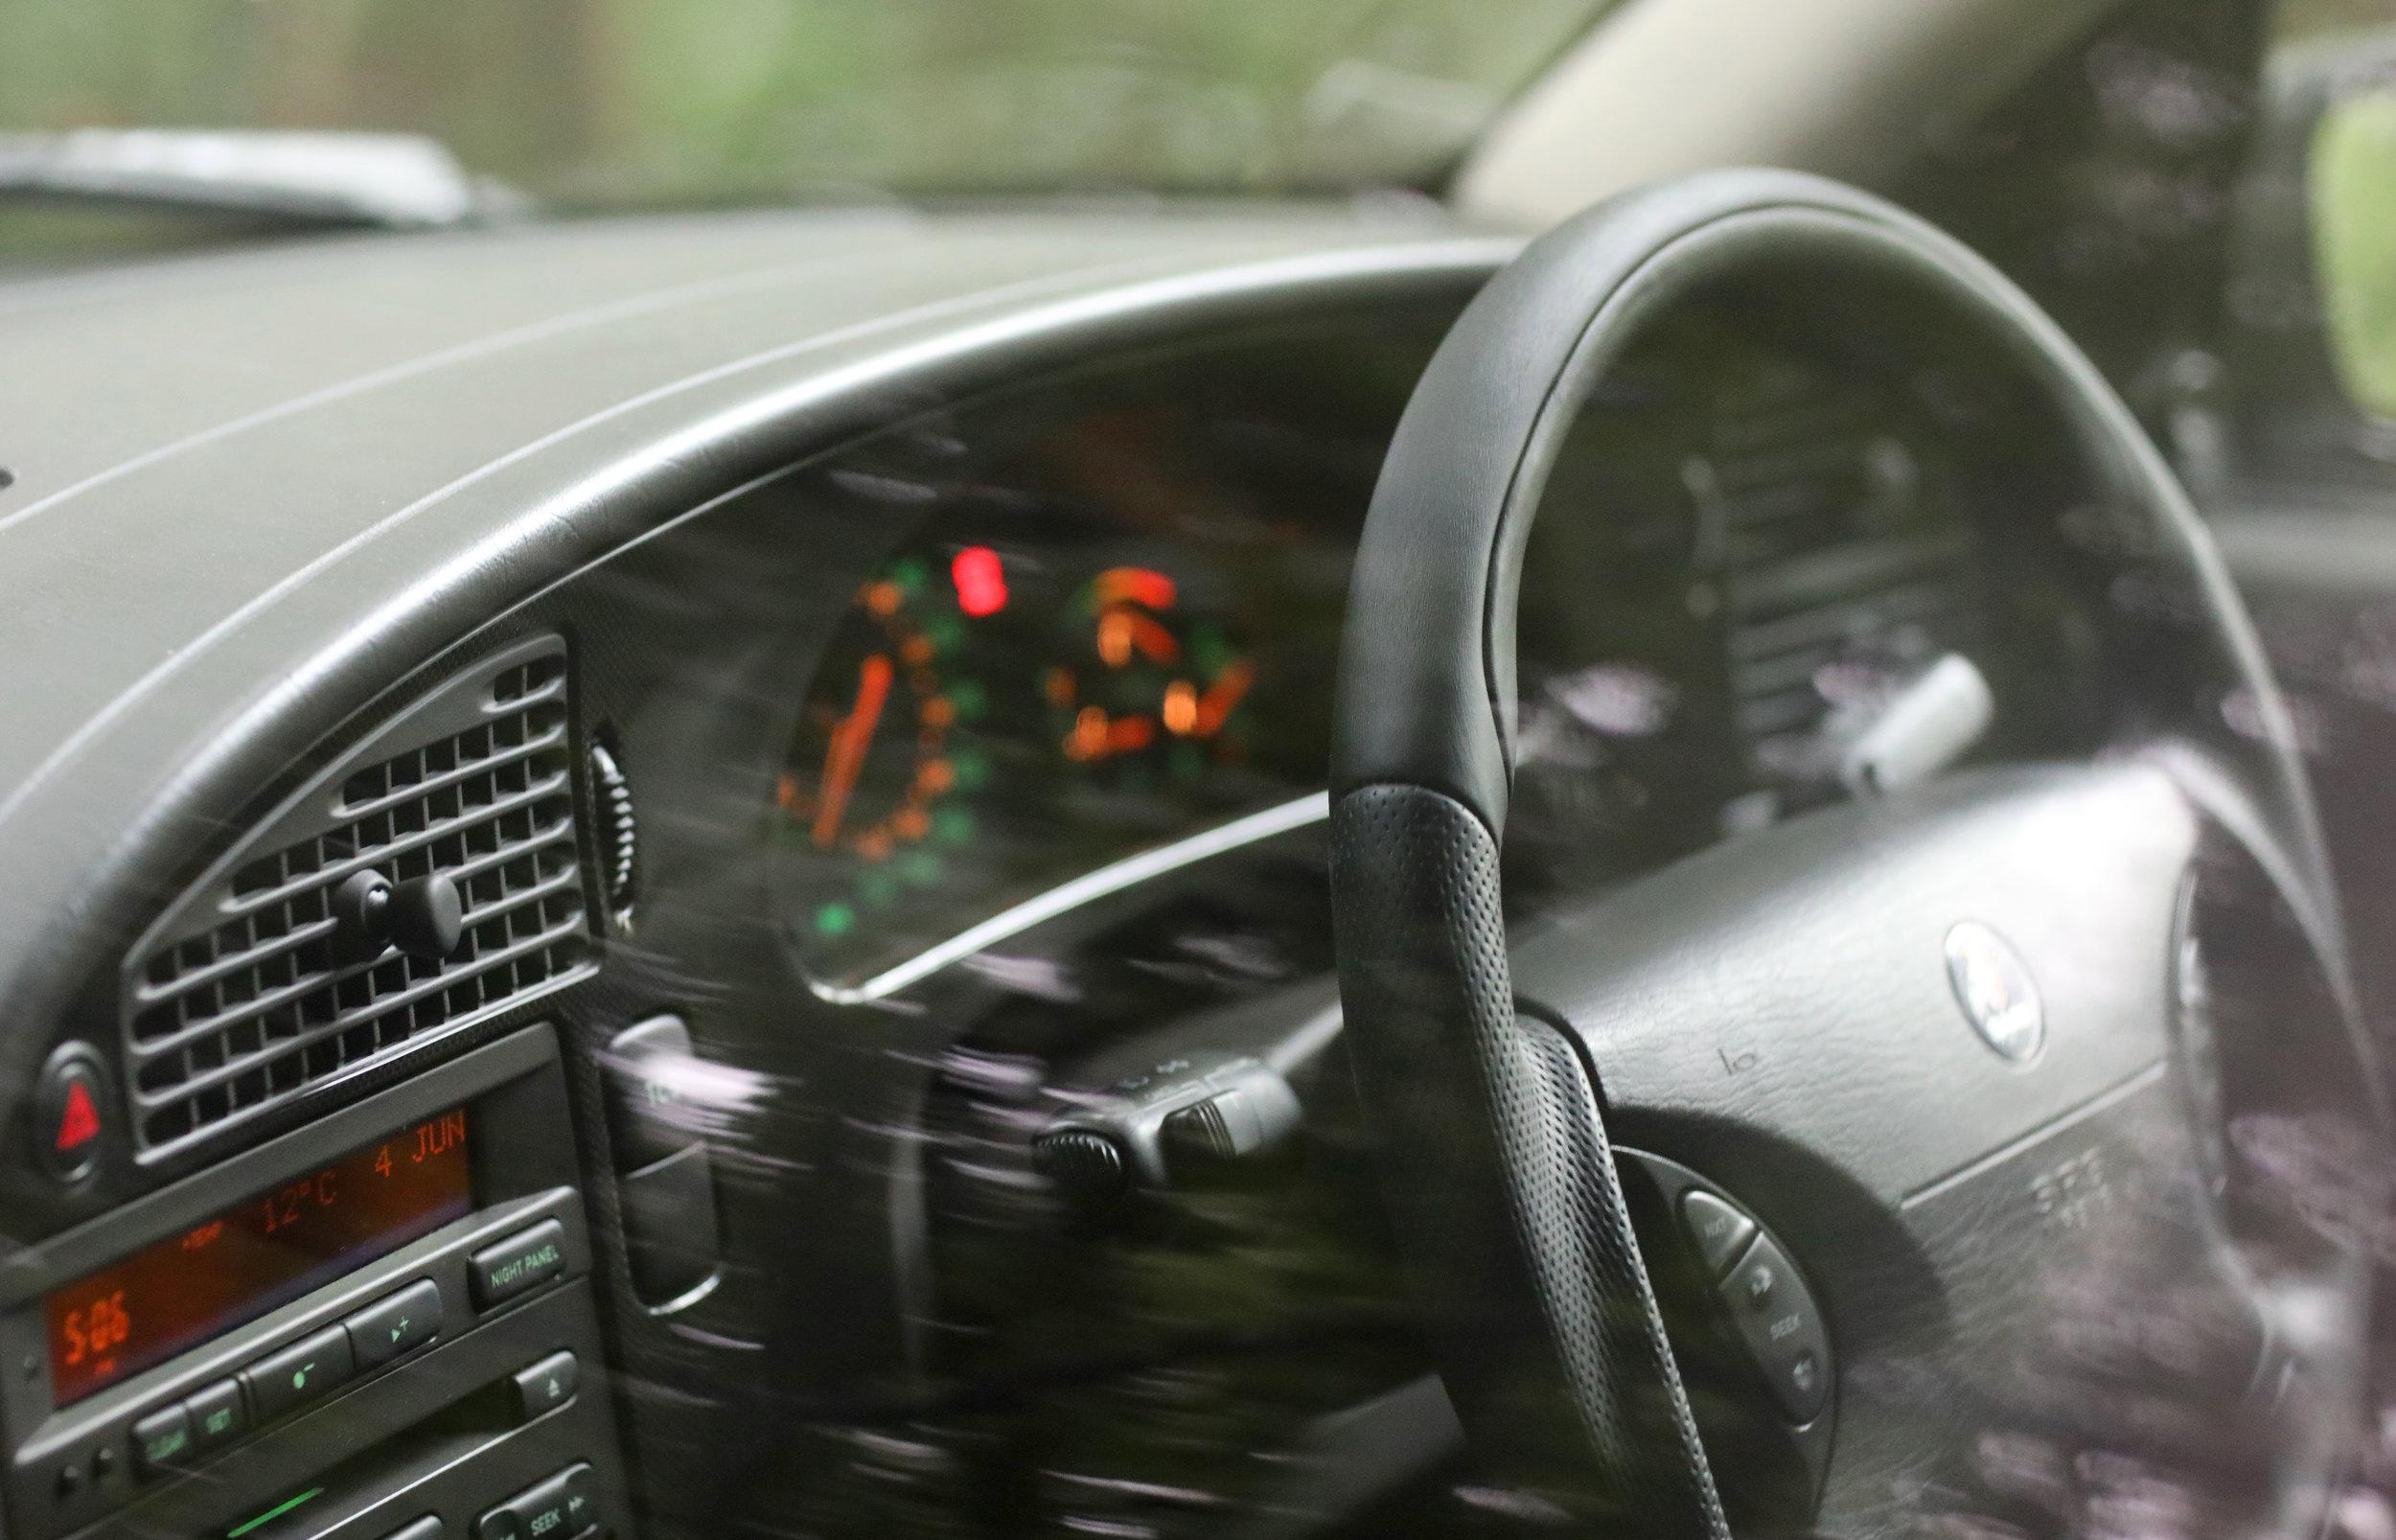 Saab 95 Interior Glimpse.jpg